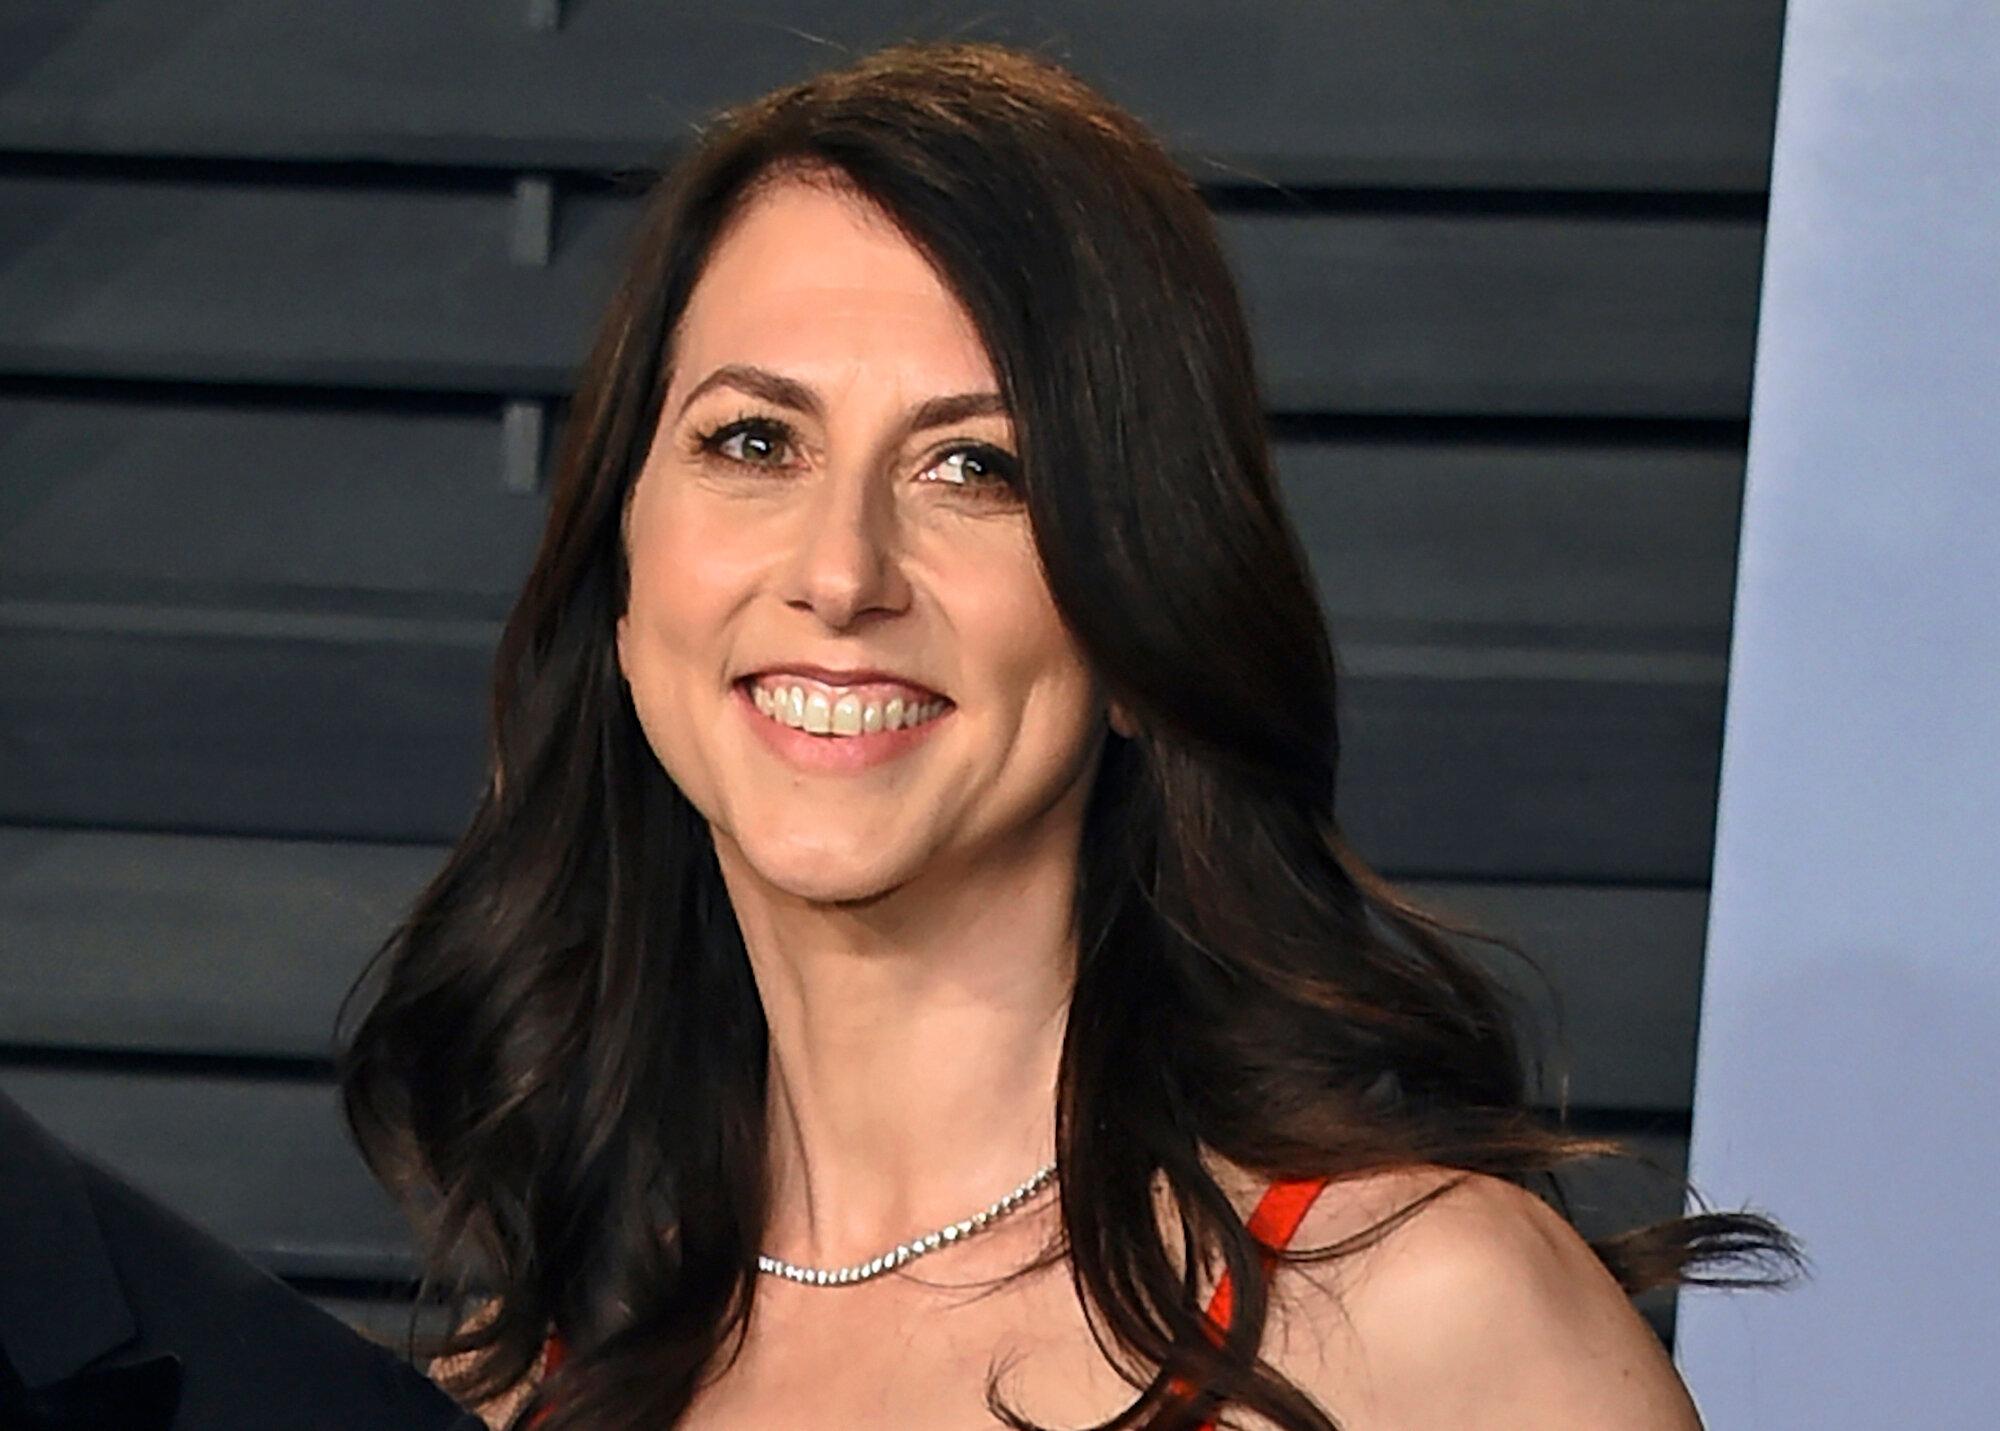 Nữ doanh nhân, tiểu thuyết giaMacKenzie Scott được cho là đang định hình lại hệ thống từ thiện của giới siêu giàu Mỹ. Ảnh: New York Times.